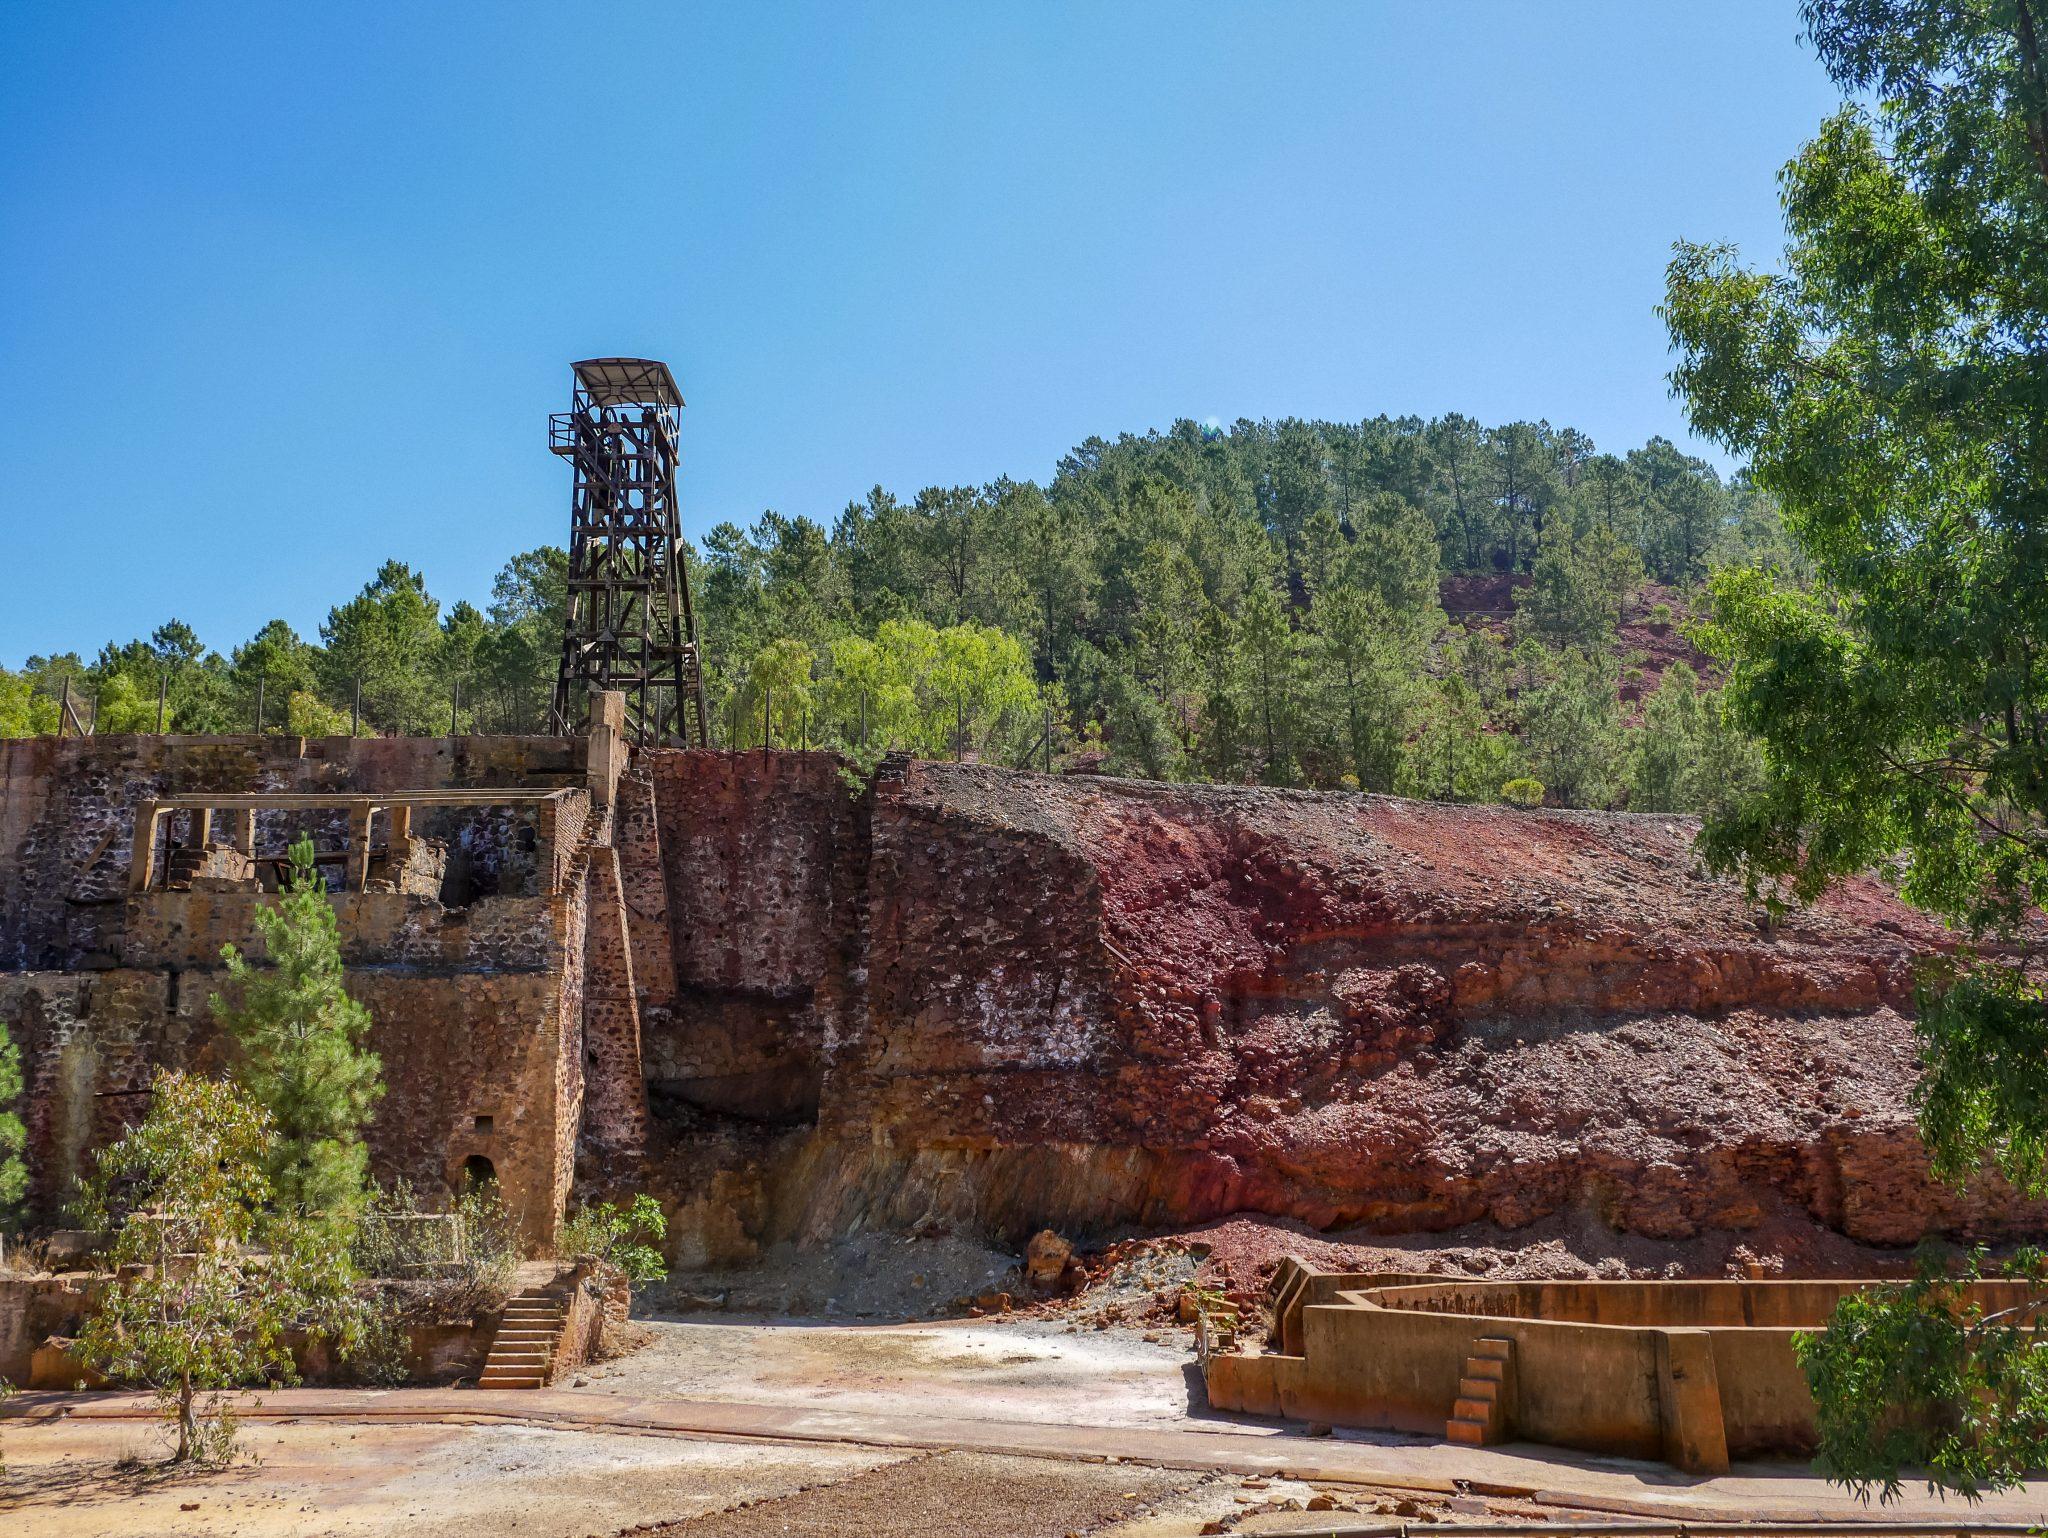 So sieht die Mine Peña de Hierro von außen aus.